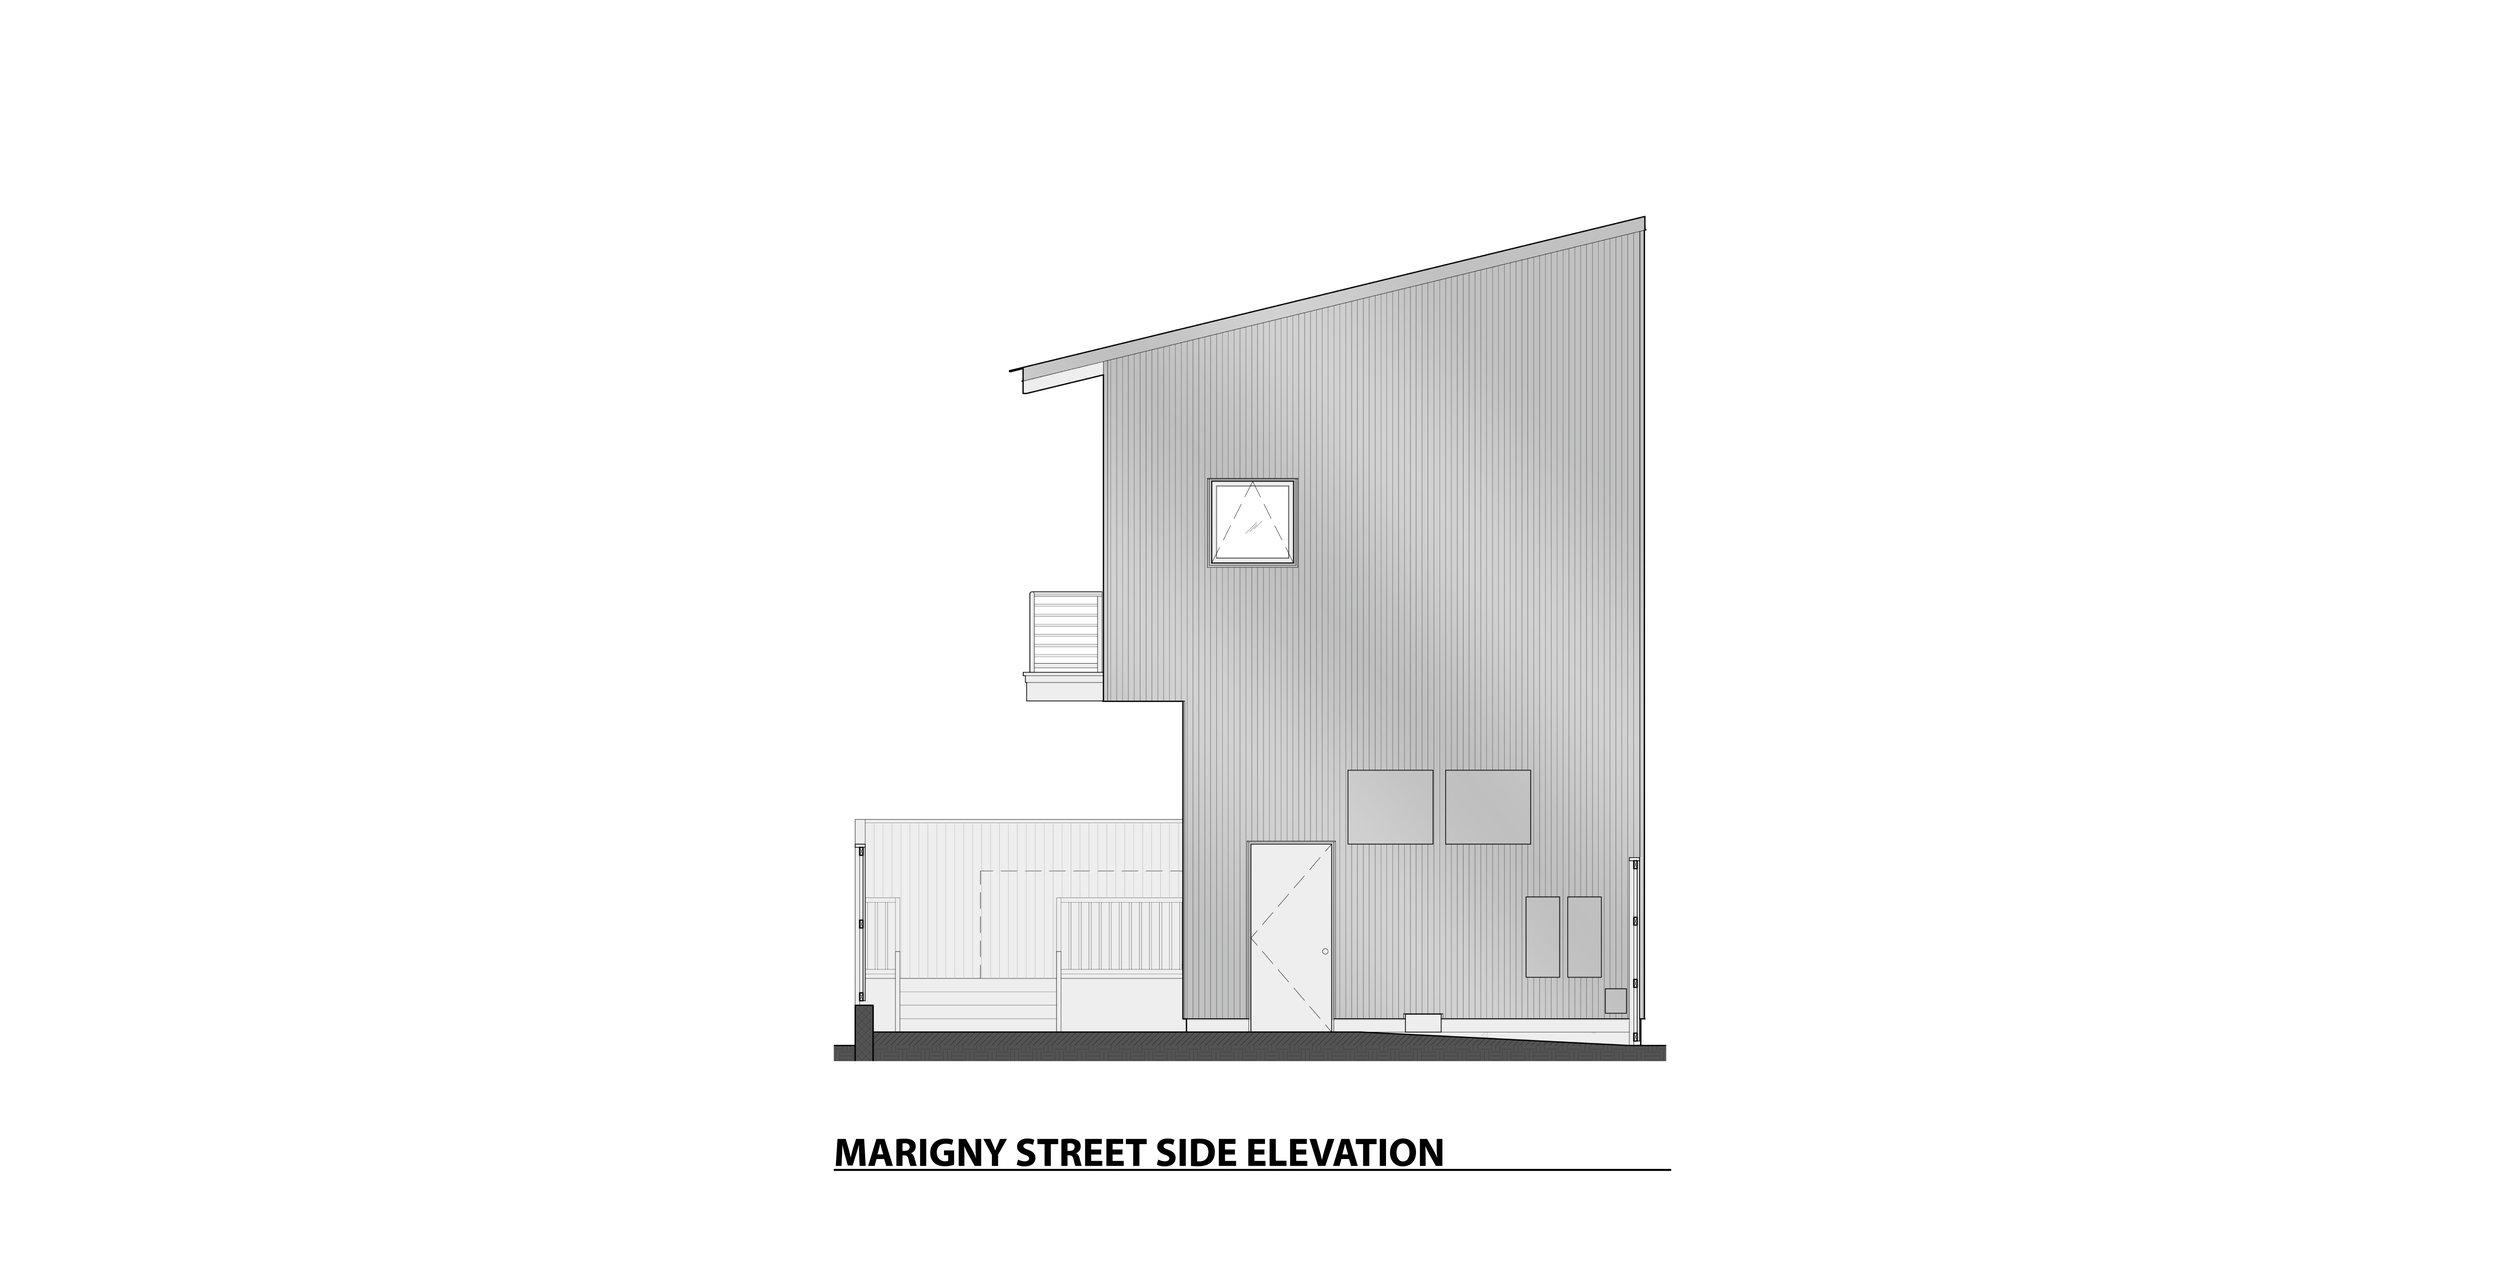 elevations2-04.jpg